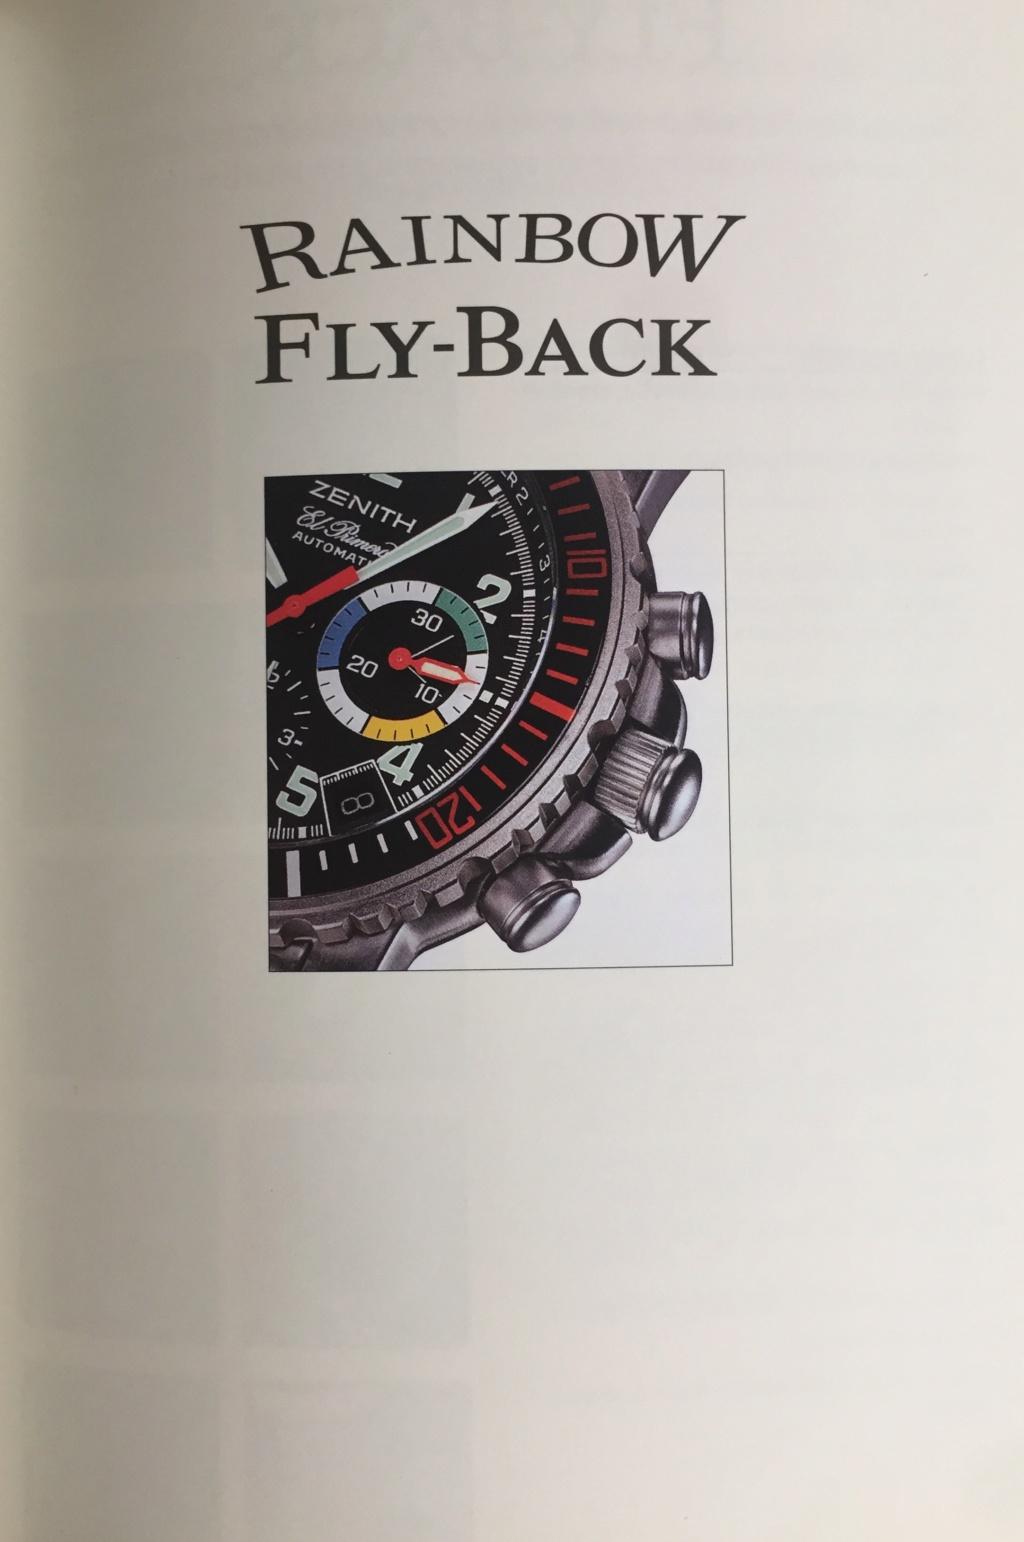 Pourquoi faut-il absolument avoir une Rainbow Fly-back de Zenith ... - Page 7 Bd755810